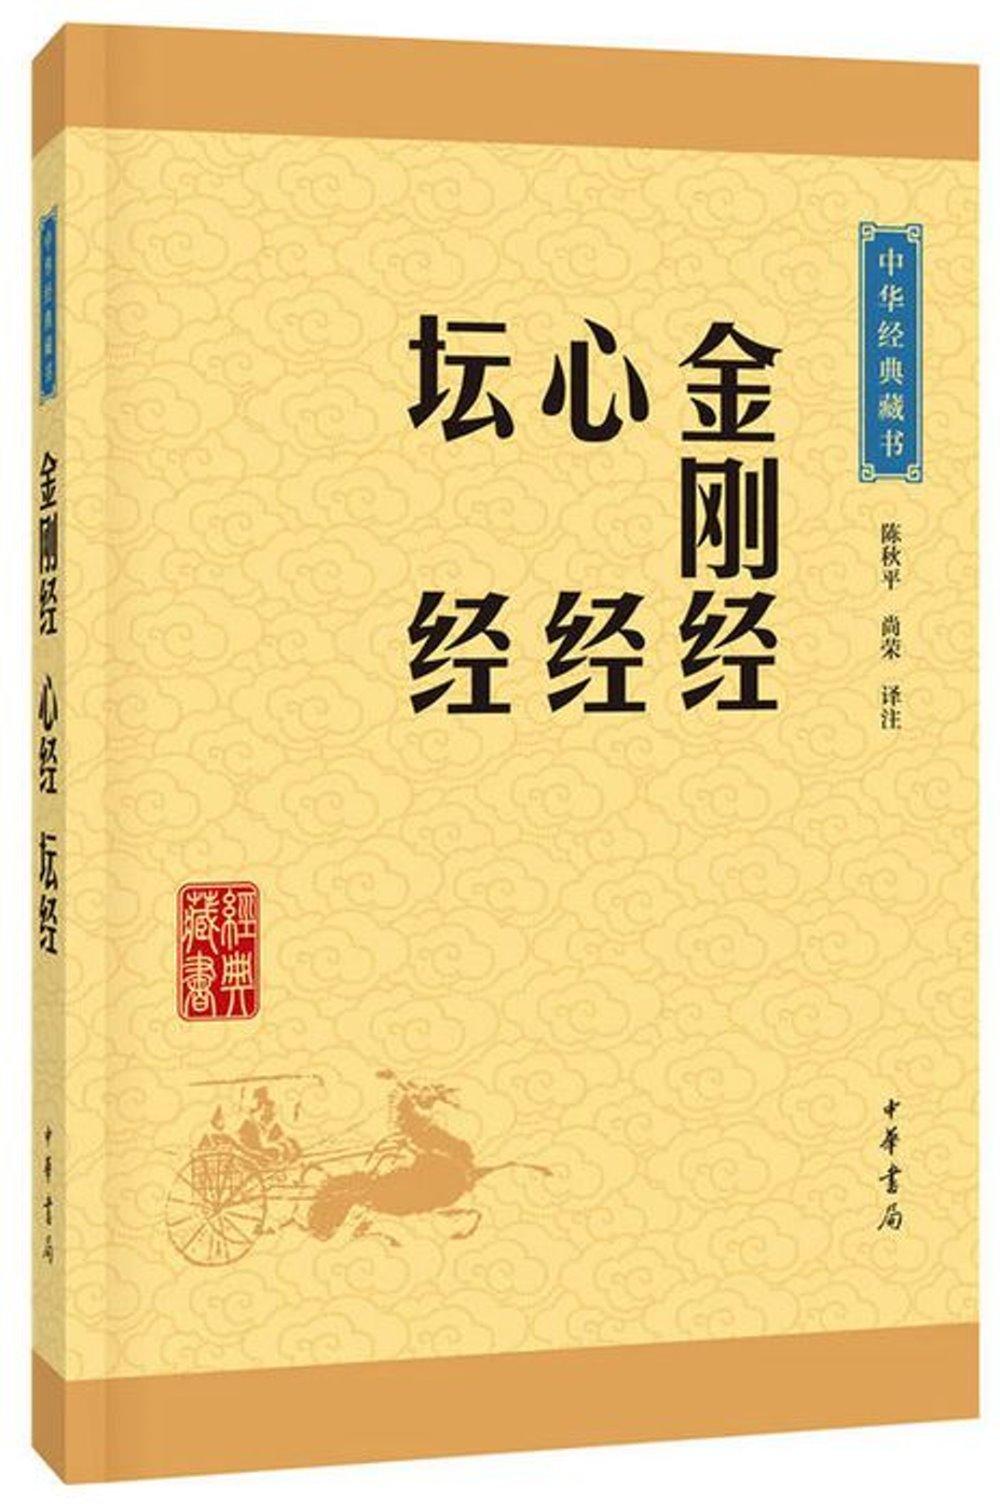 中華經典藏書:金剛經 心經 壇經